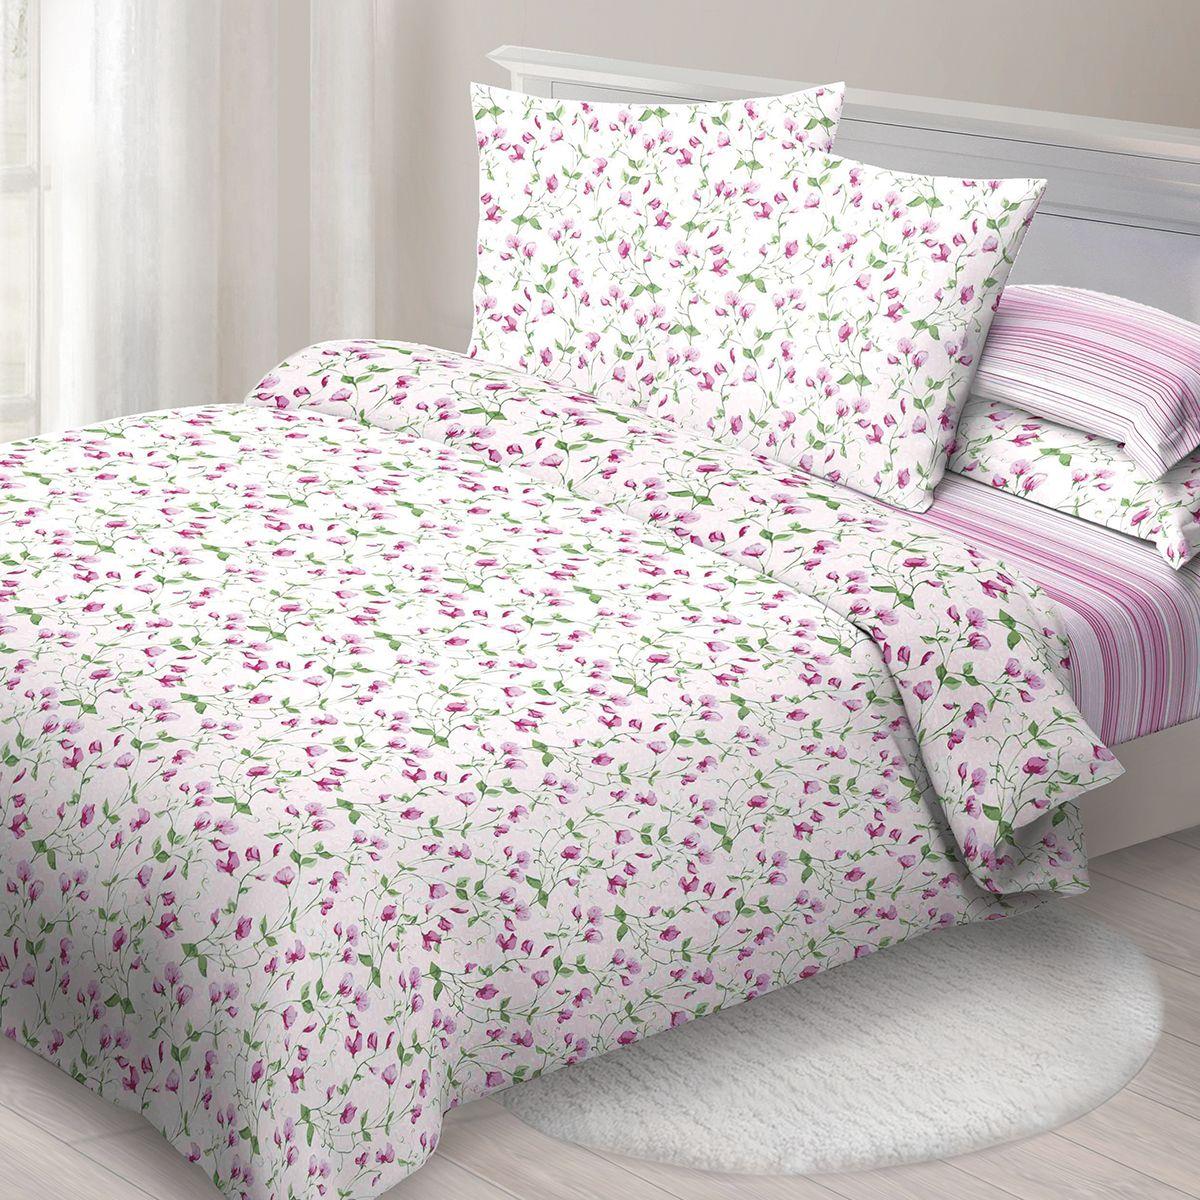 Комплект белья Спал Спалыч Лизабет, 1,5-спальный, наволочки 70x70, цвет: розовый